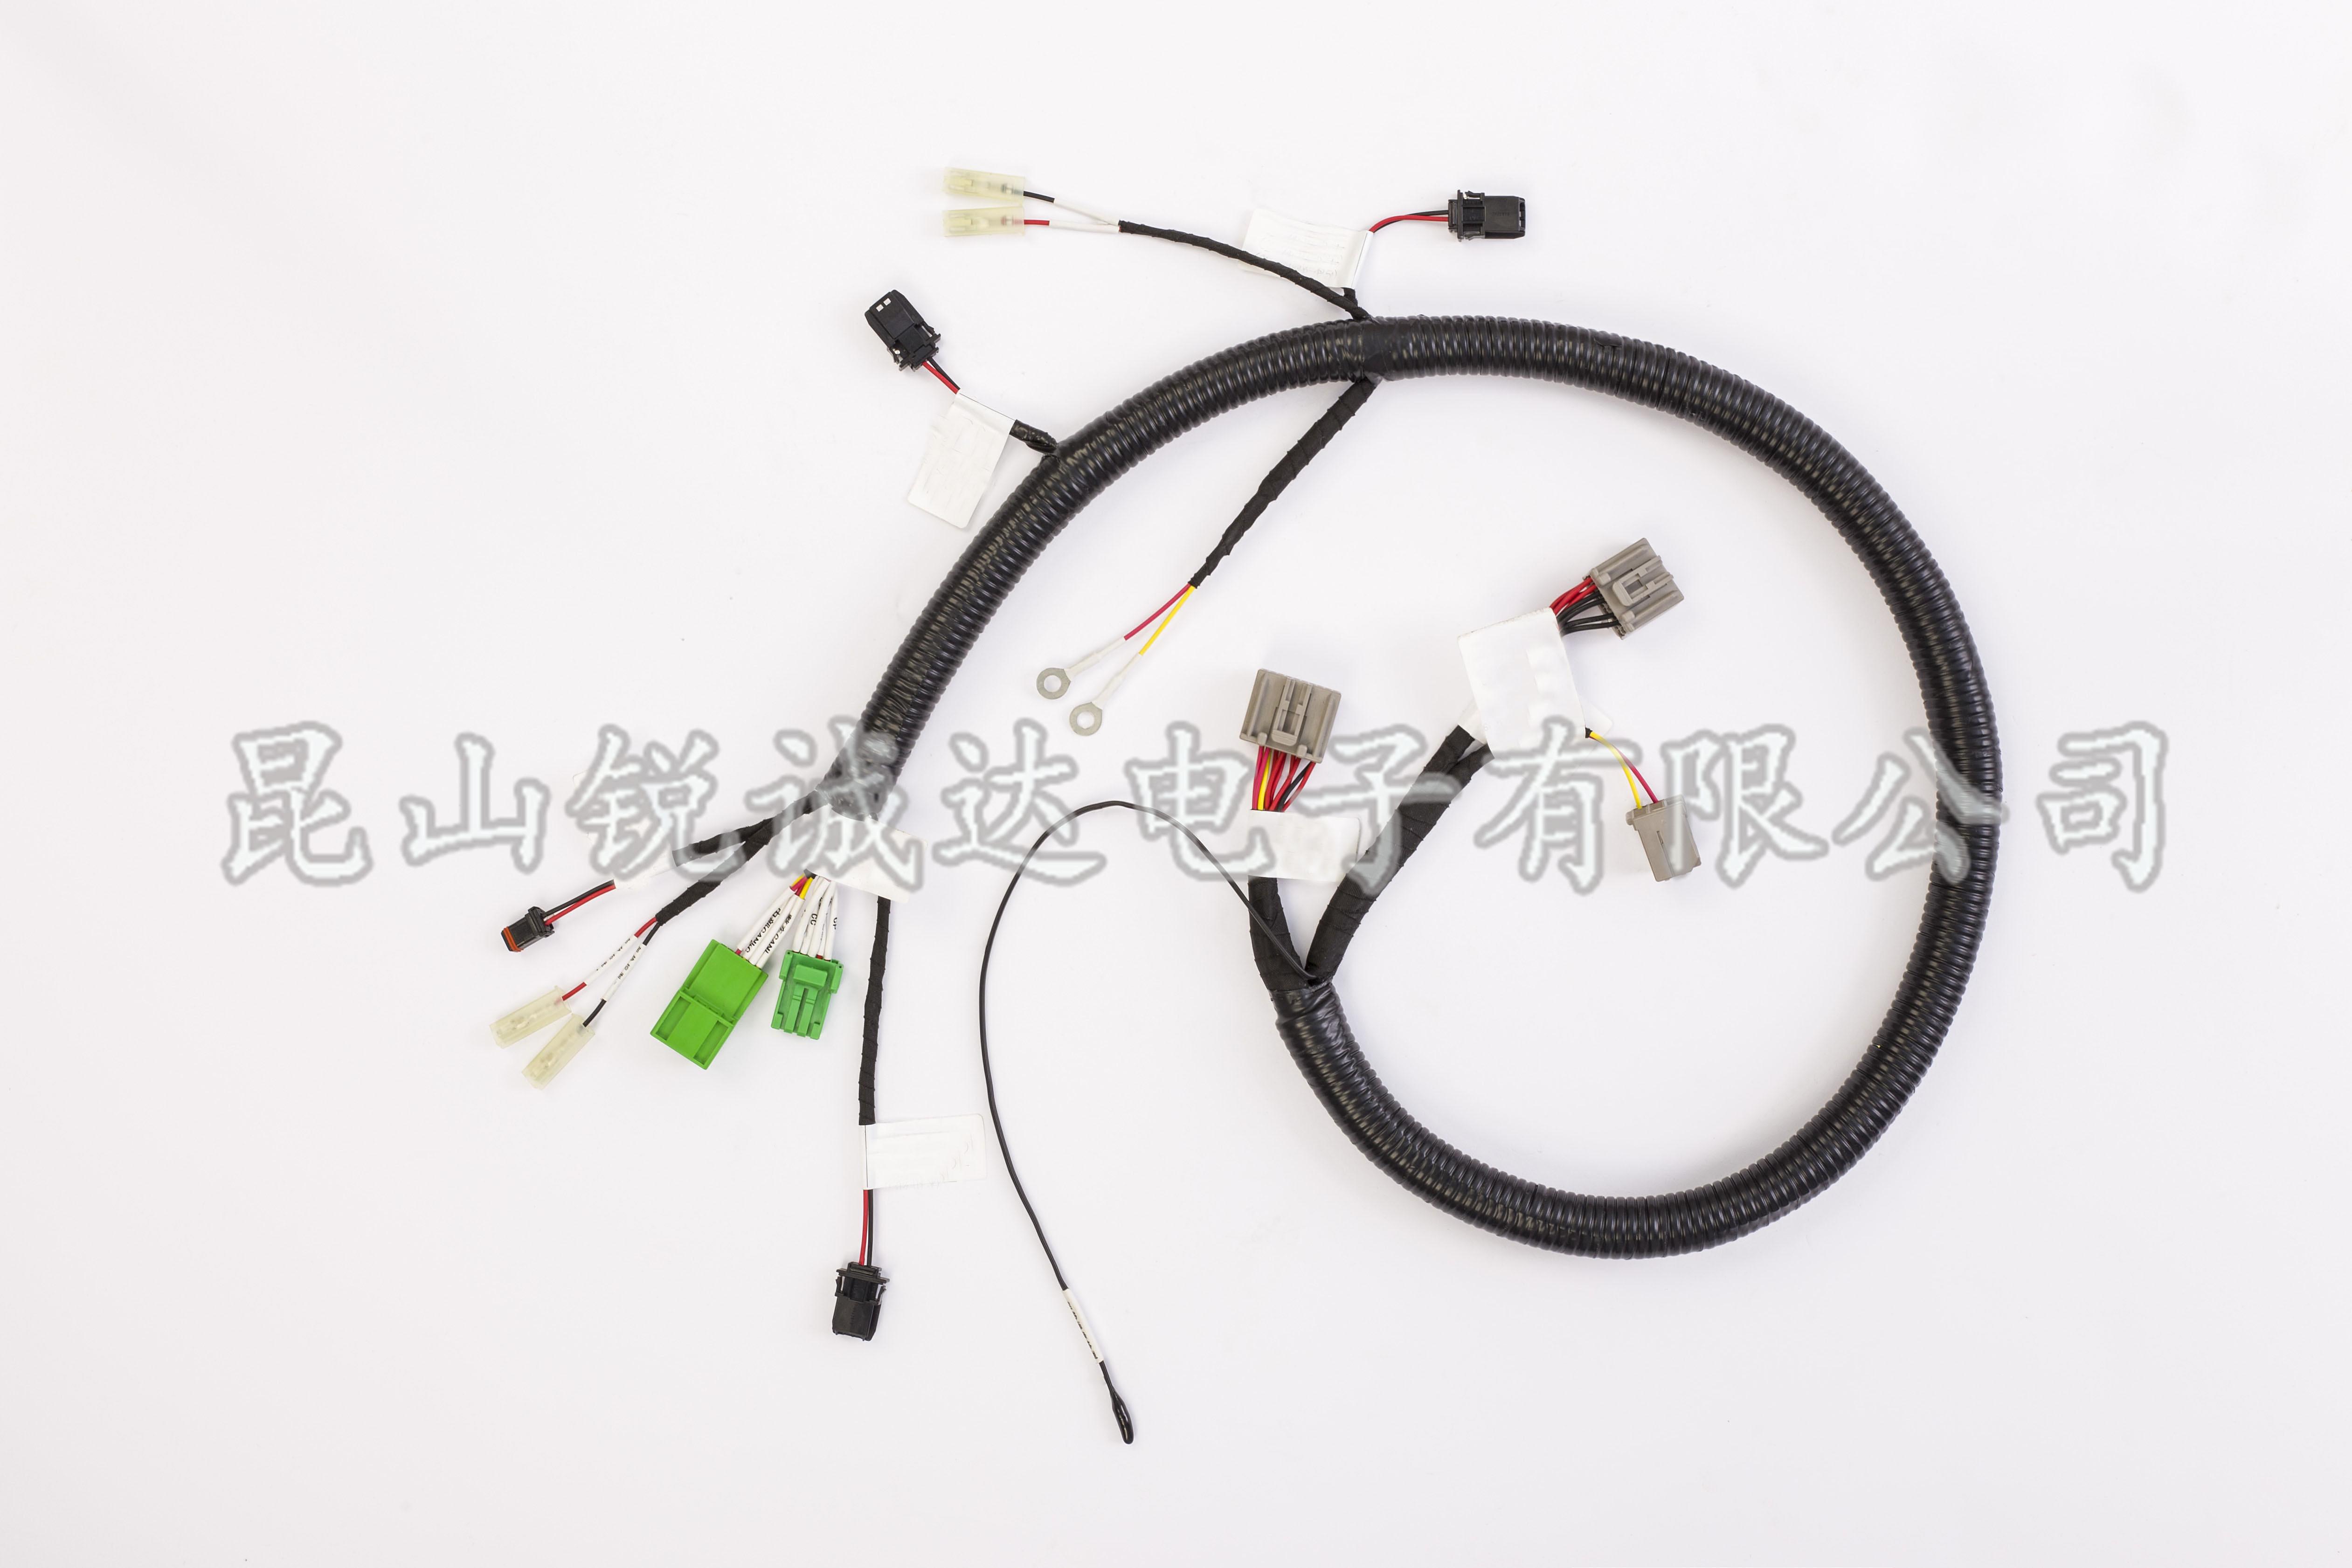 上海专业控制器线束加工工厂 欢迎咨询 锐诚达供